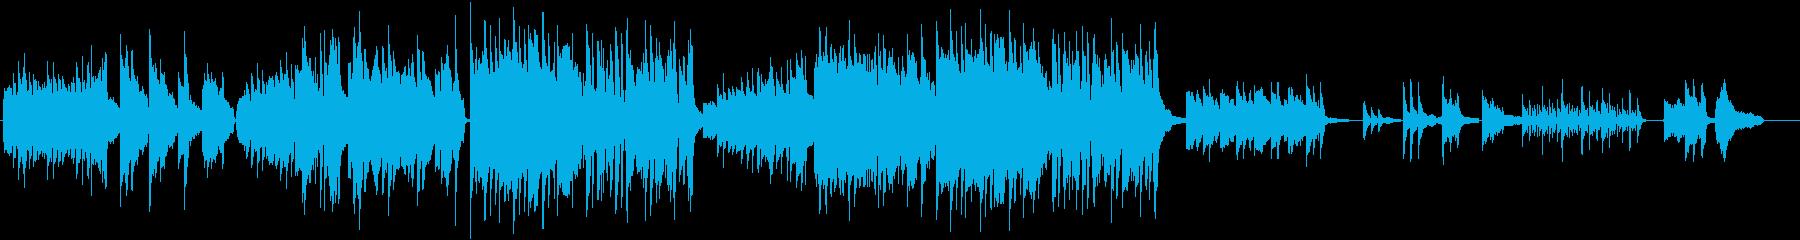 ピアノがメインのミニシアター風の音楽の再生済みの波形